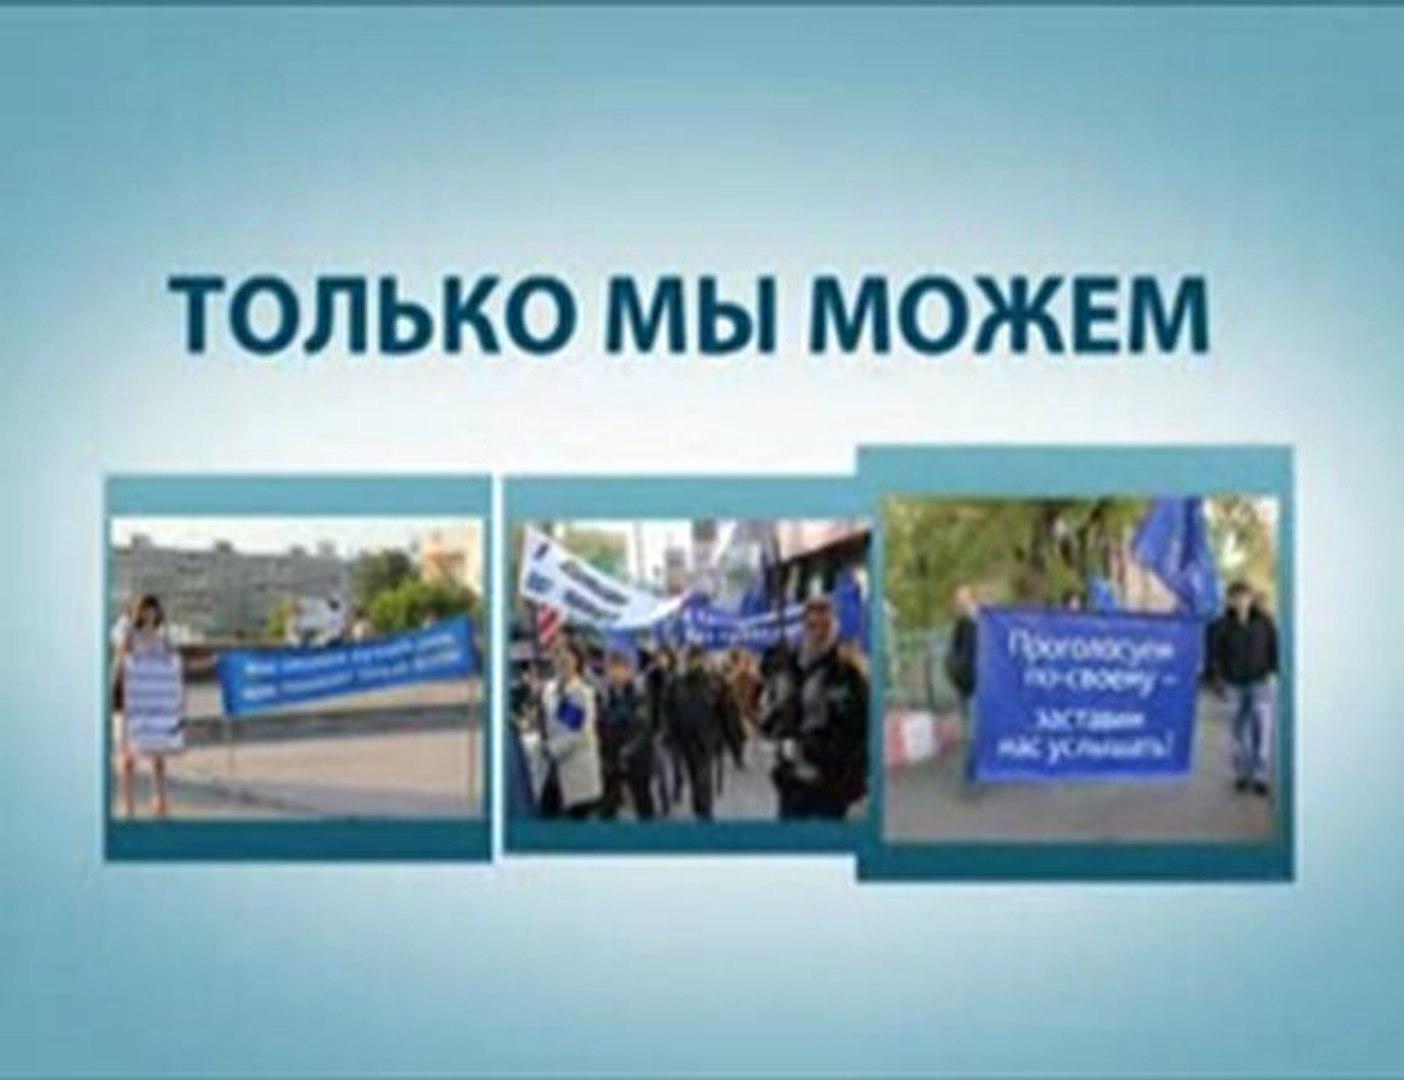 Шаги по отмене неконституционных выборов 4 декабря 2011 г.